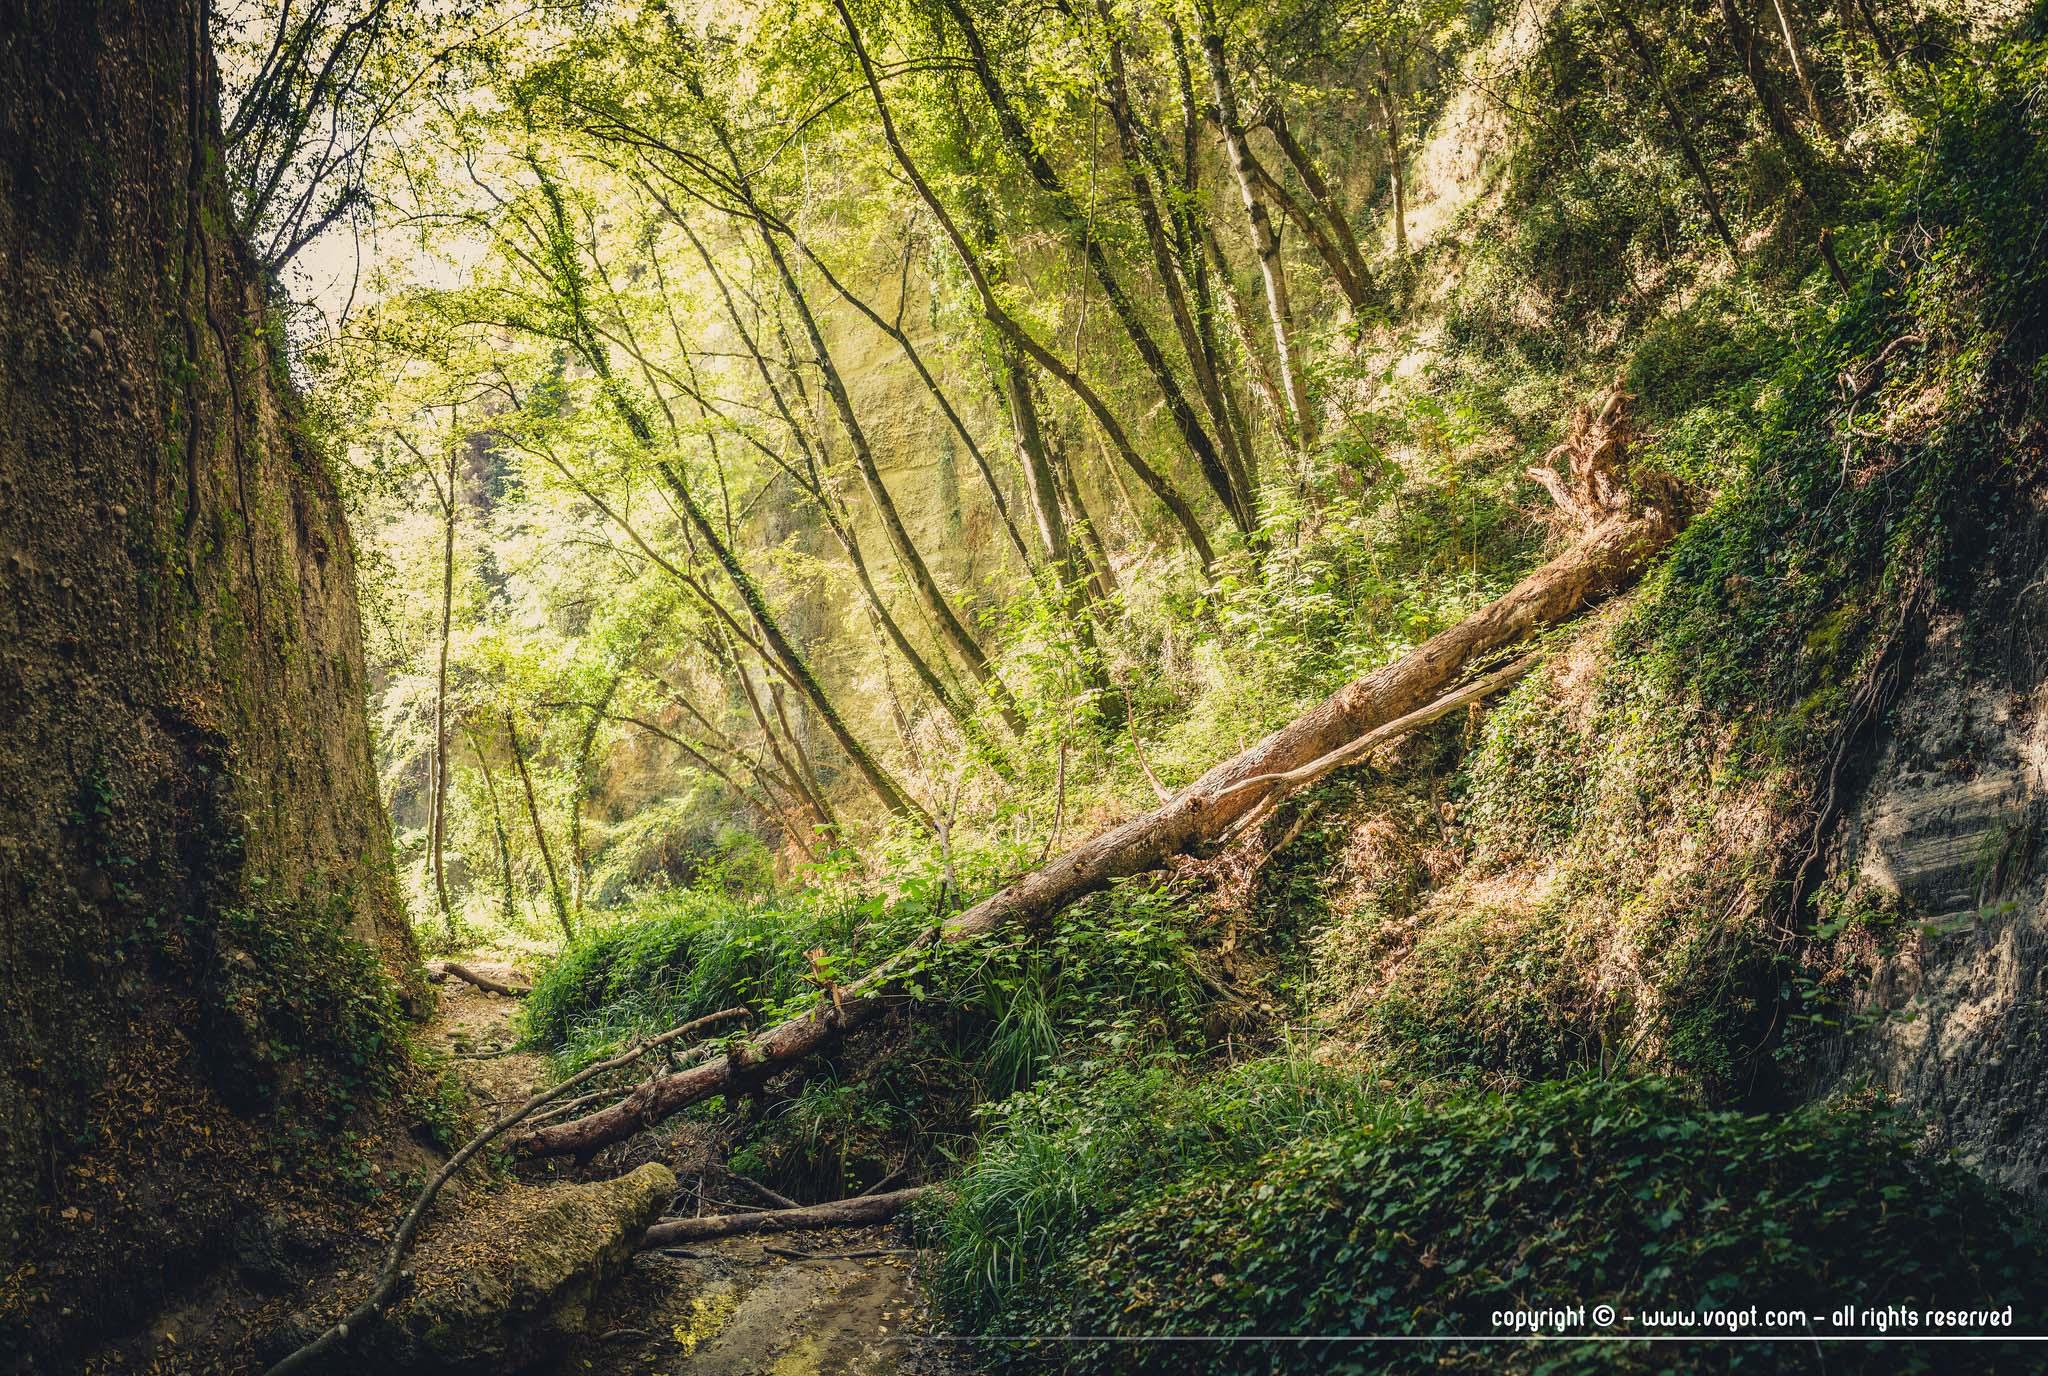 Vallon obscur du Donareo - un arbre couché barre le passage